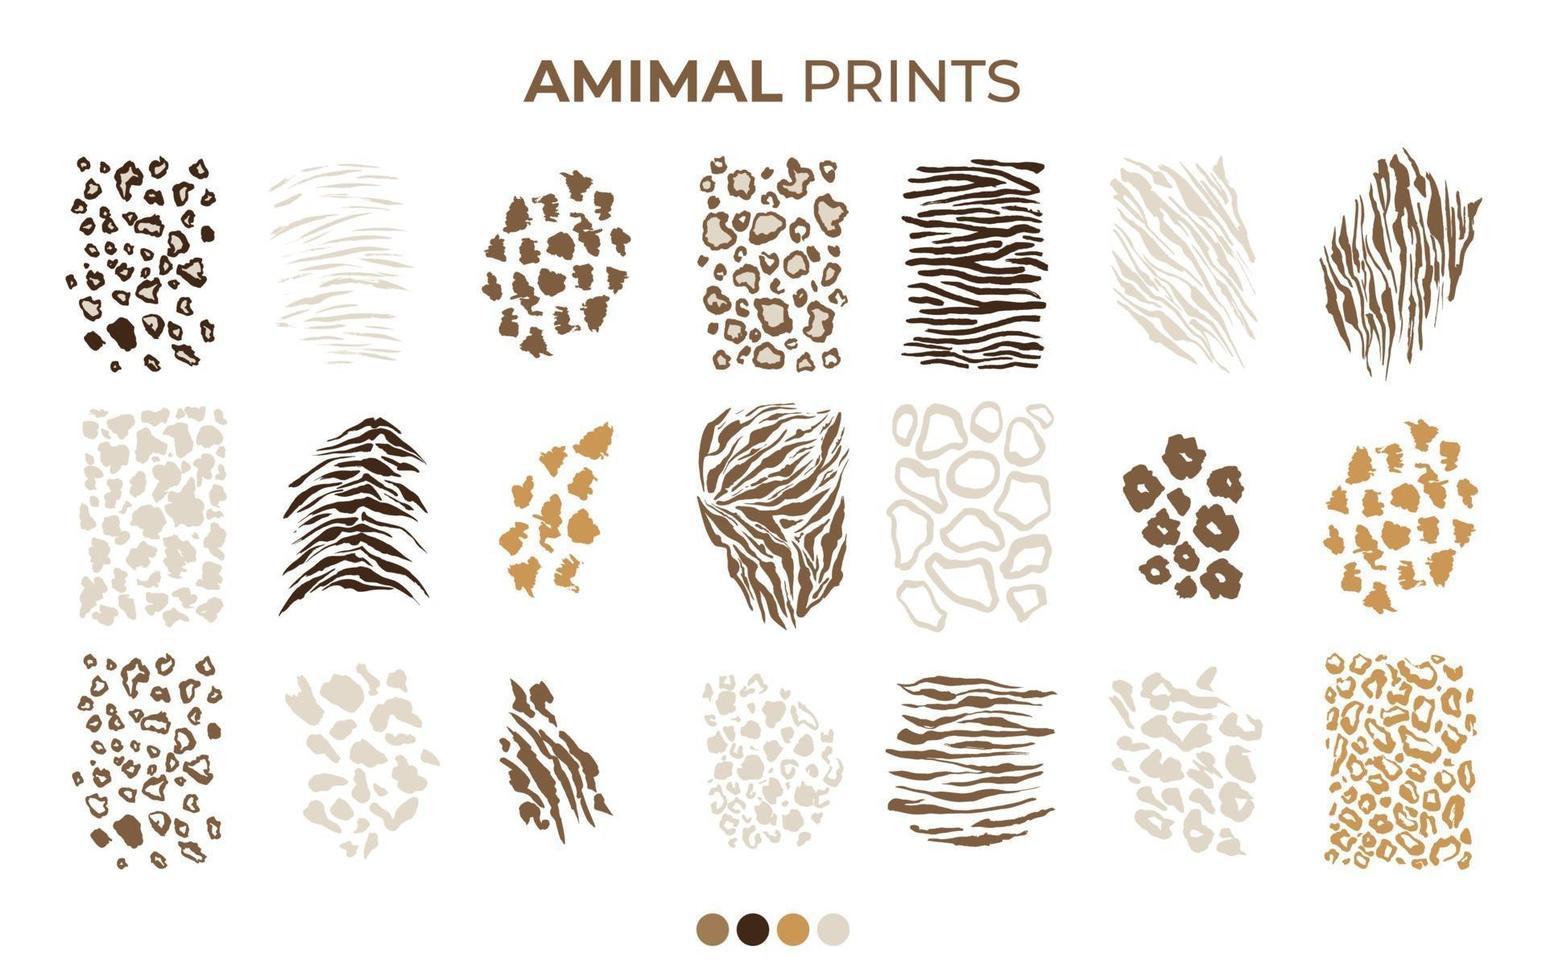 tigre, leopardo, tigre, patrones de impresión de piel de jaguar vector